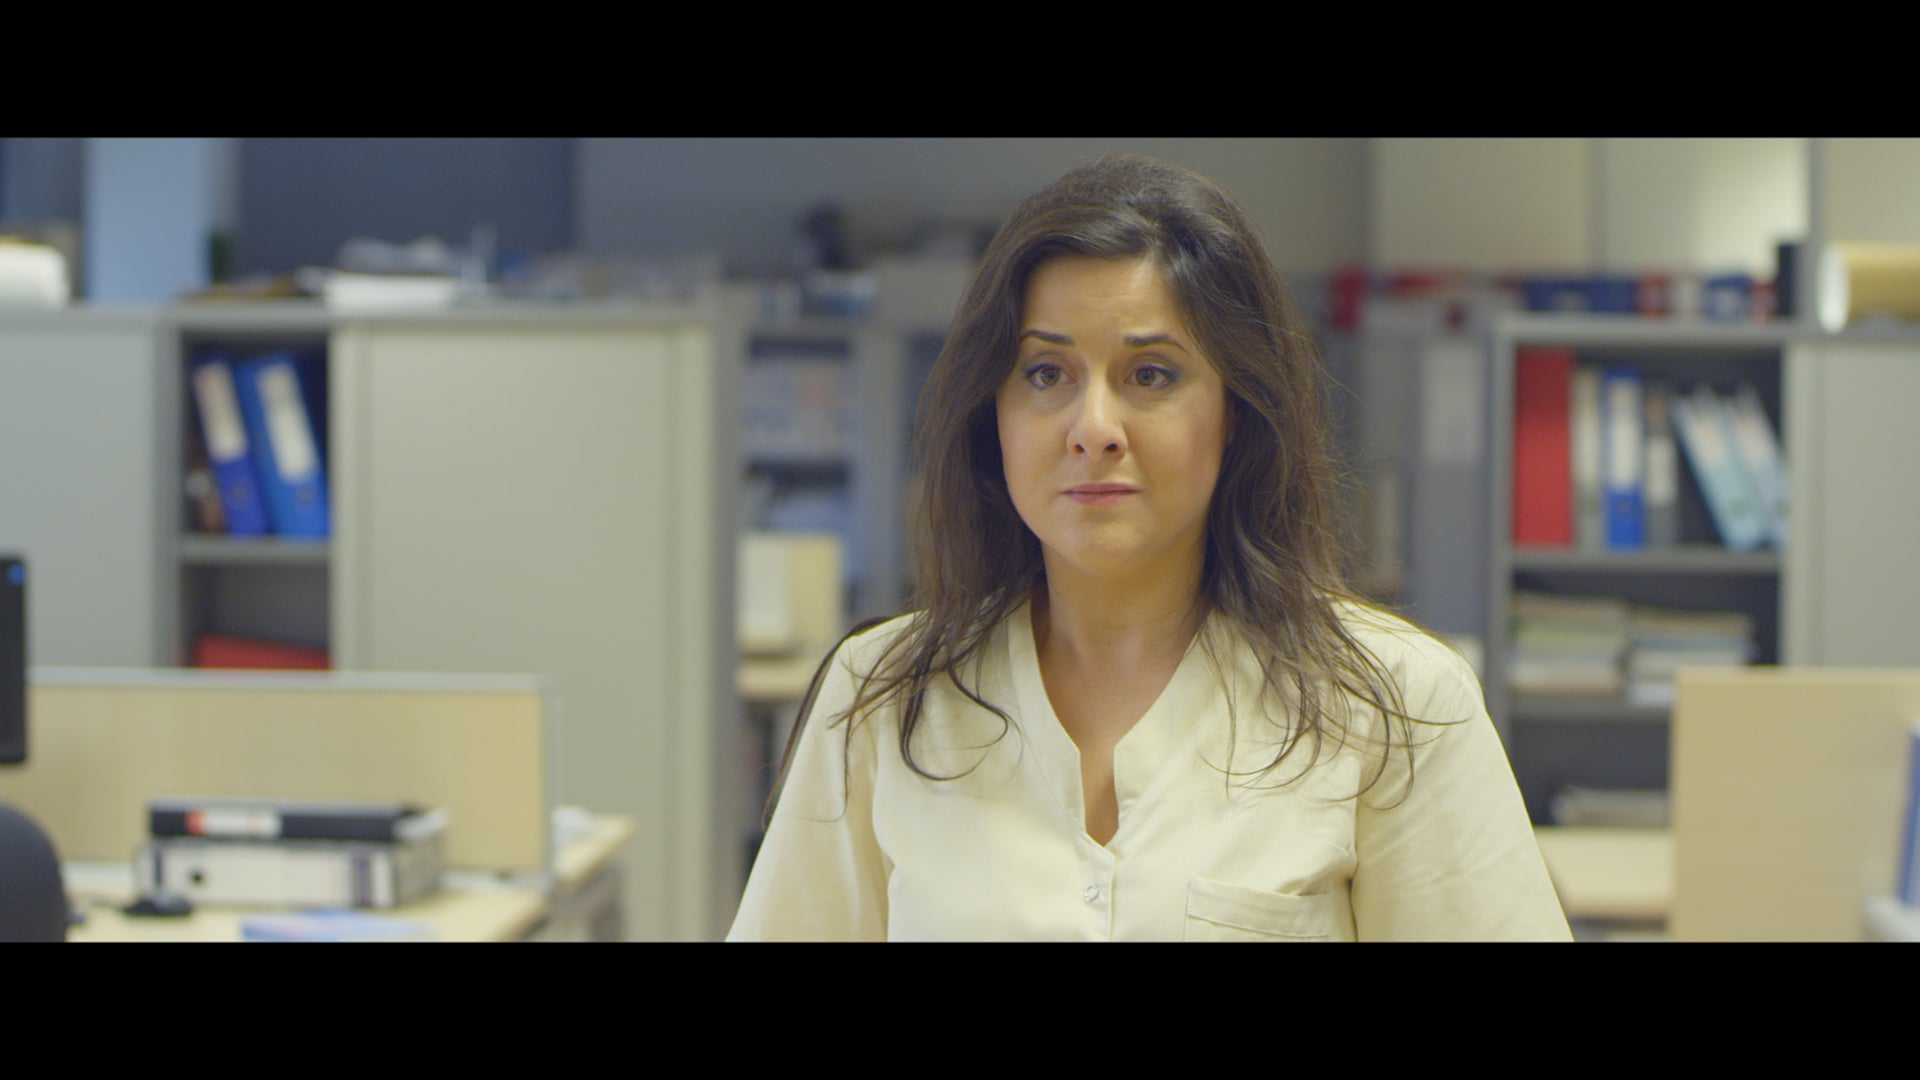 """Trailer - """"Servicio de limpieza"""" (Julieta Alcaide, 2018)"""